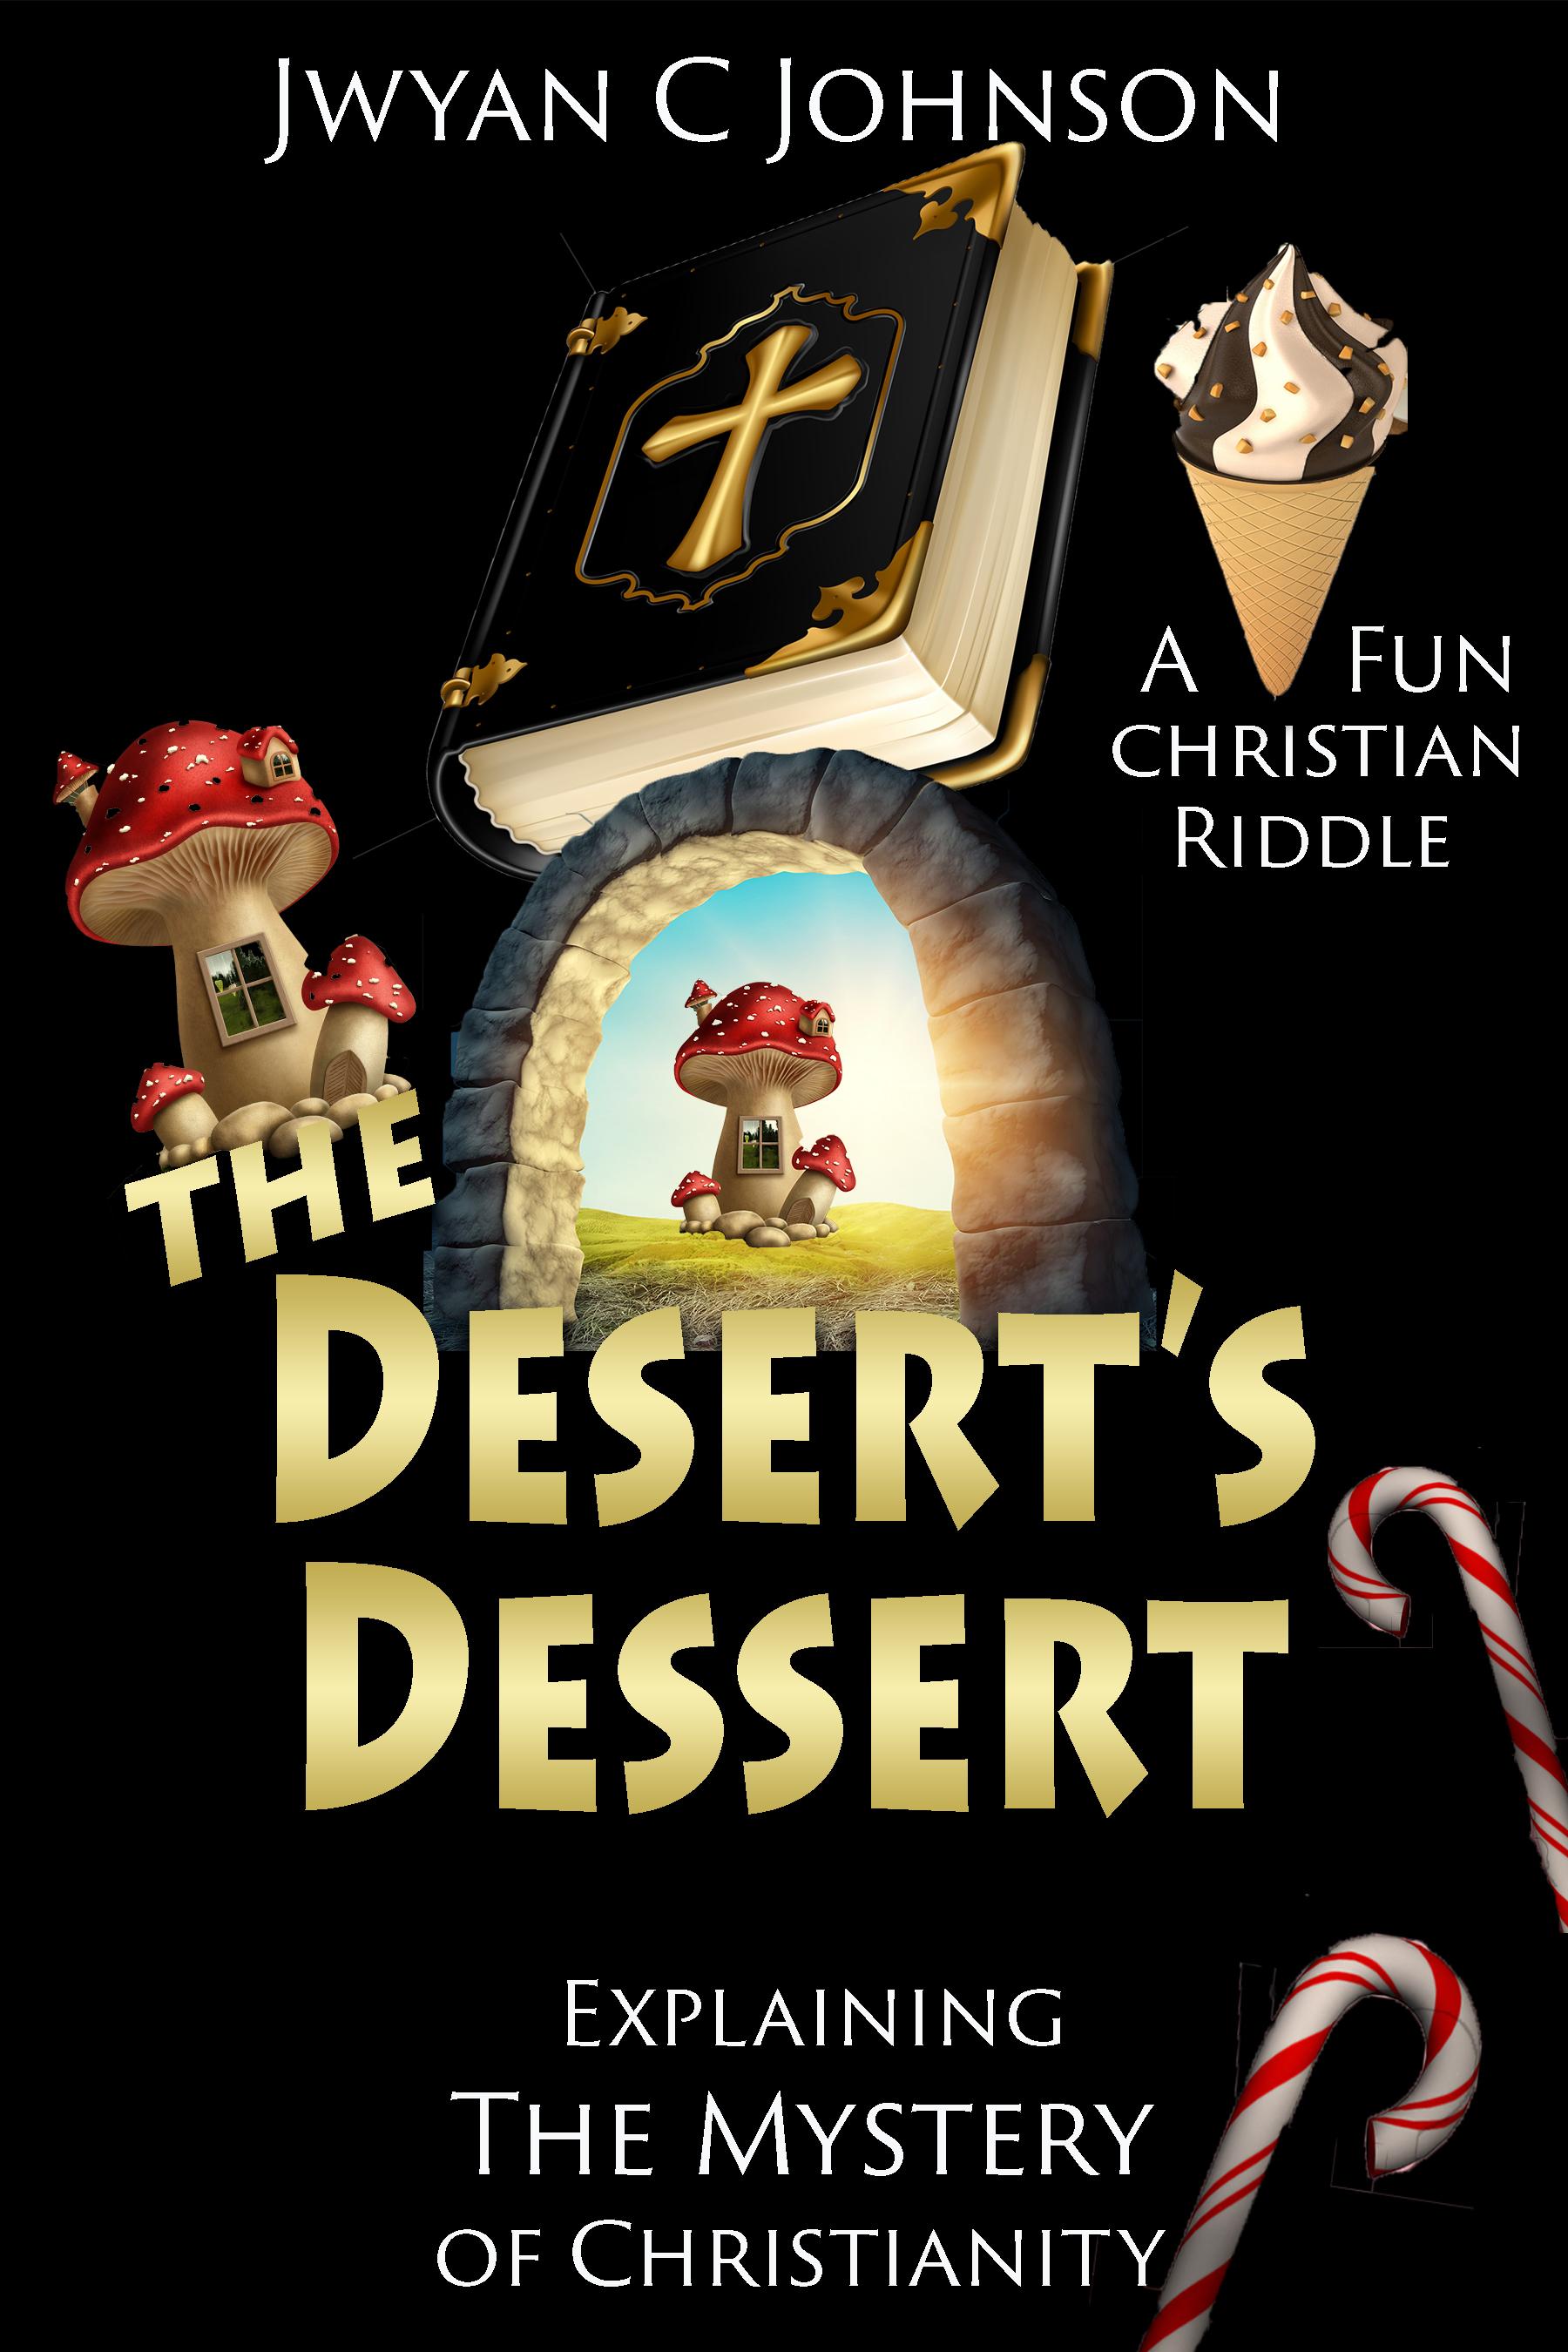 The Parable of The Desert's Dessert